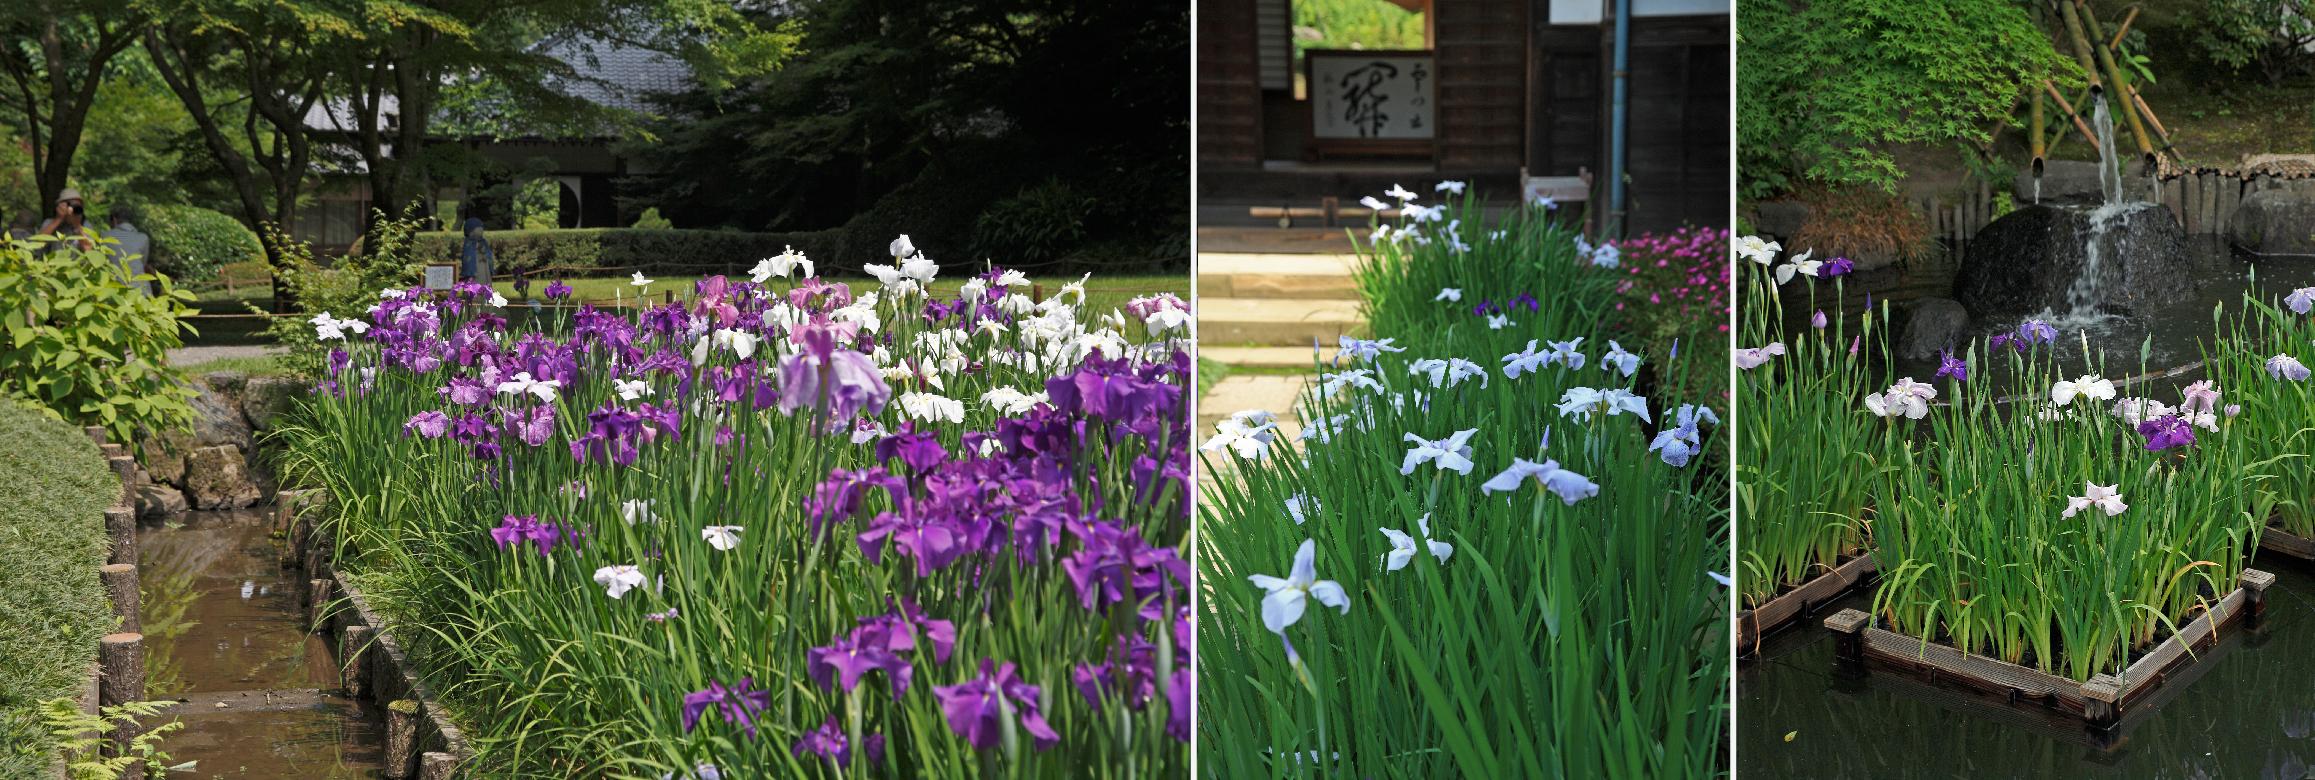 鎌倉の花菖蒲